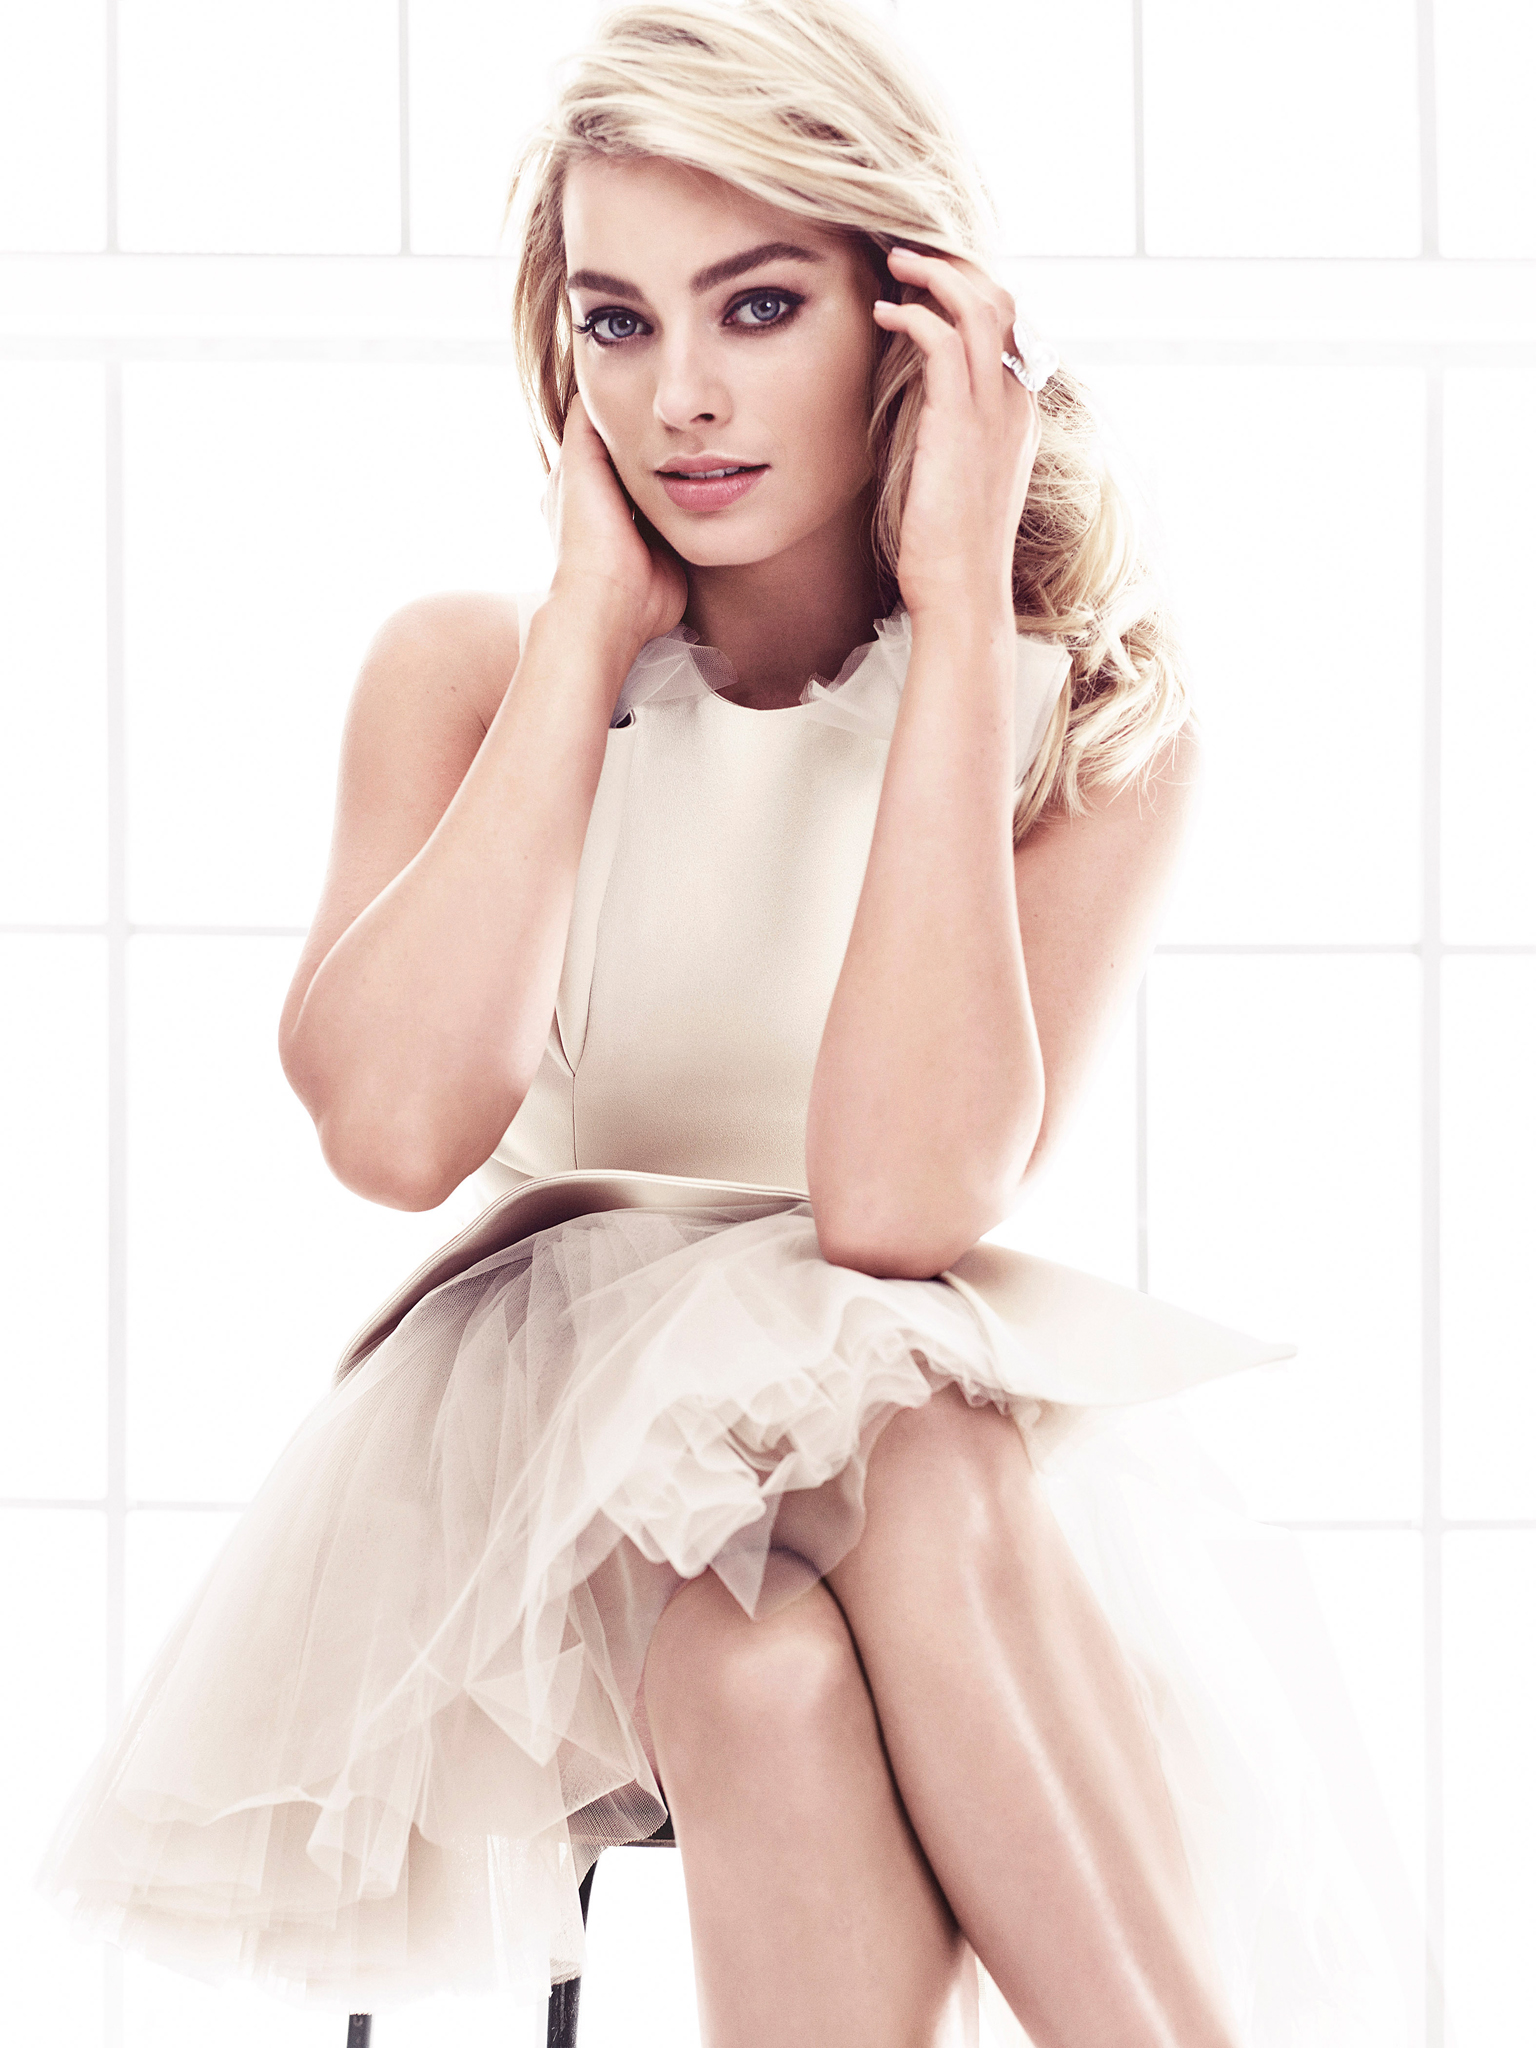 Margot Robbie - Harper's Bazaar Photoshoot - April 2015